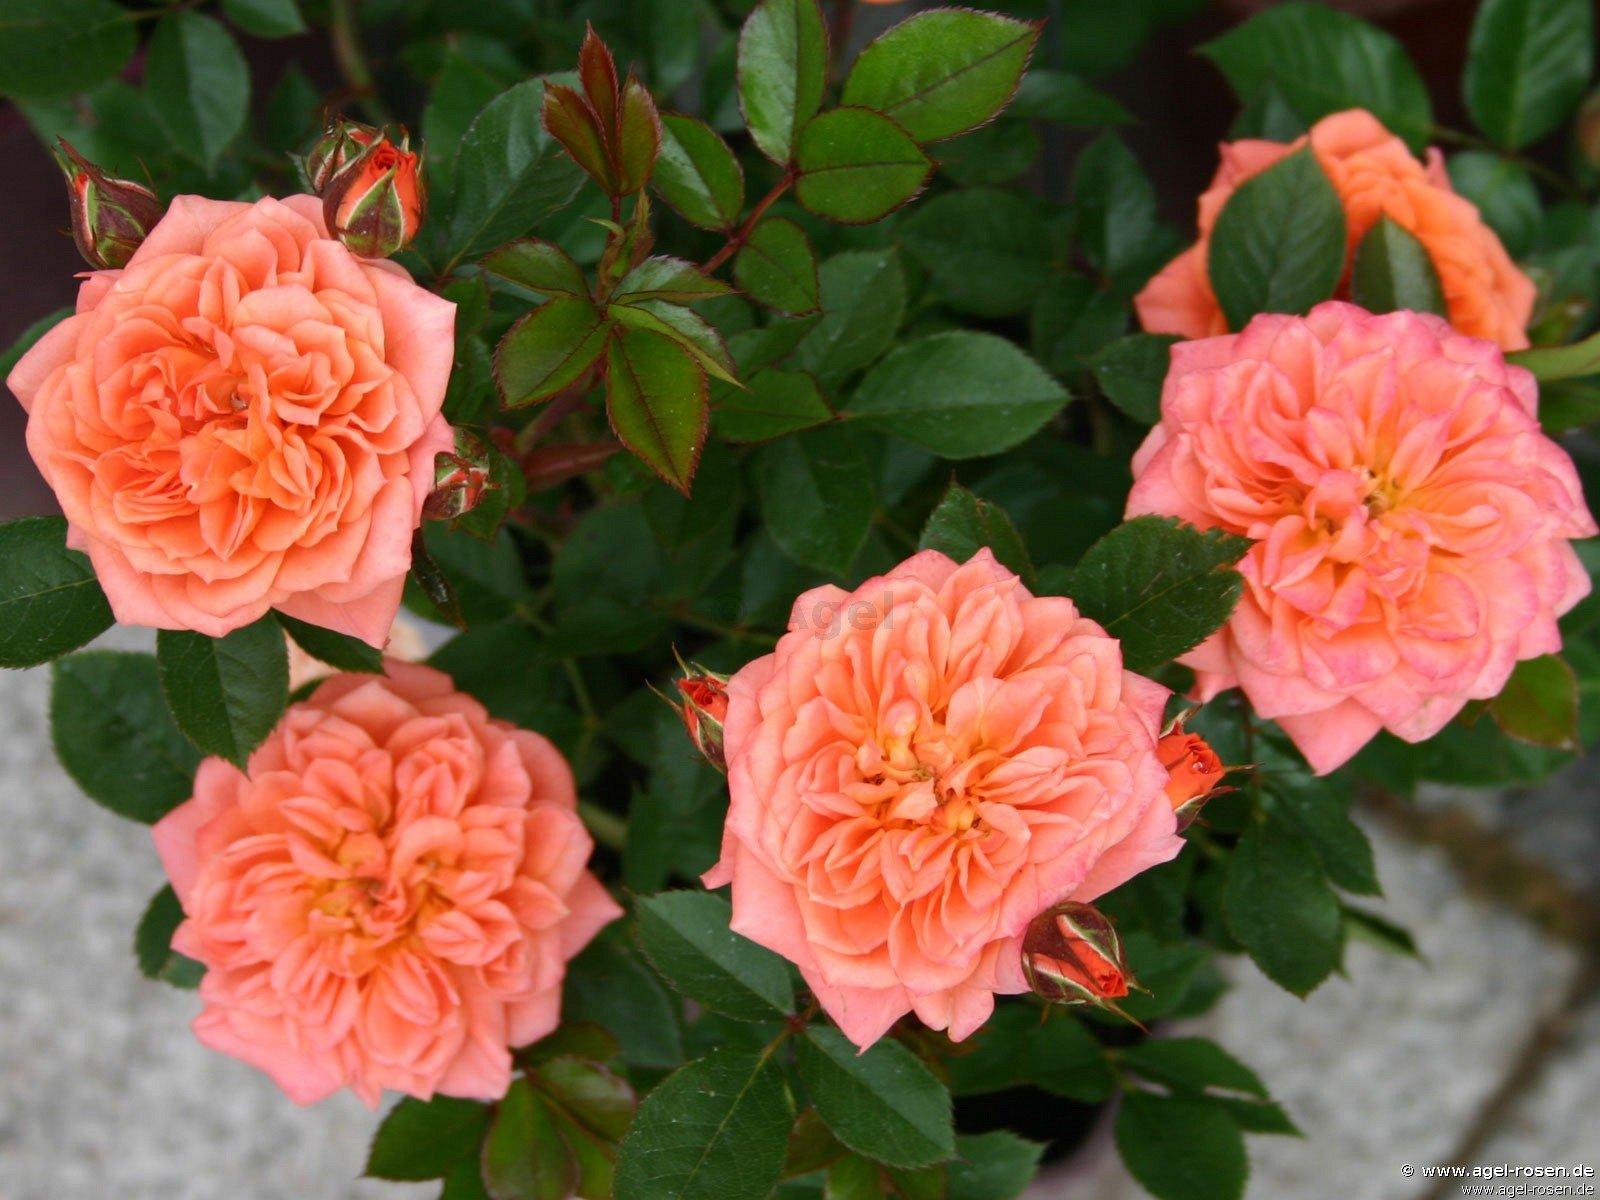 buy rose ninetta online at agel rosen 3 liter pot container roses. Black Bedroom Furniture Sets. Home Design Ideas